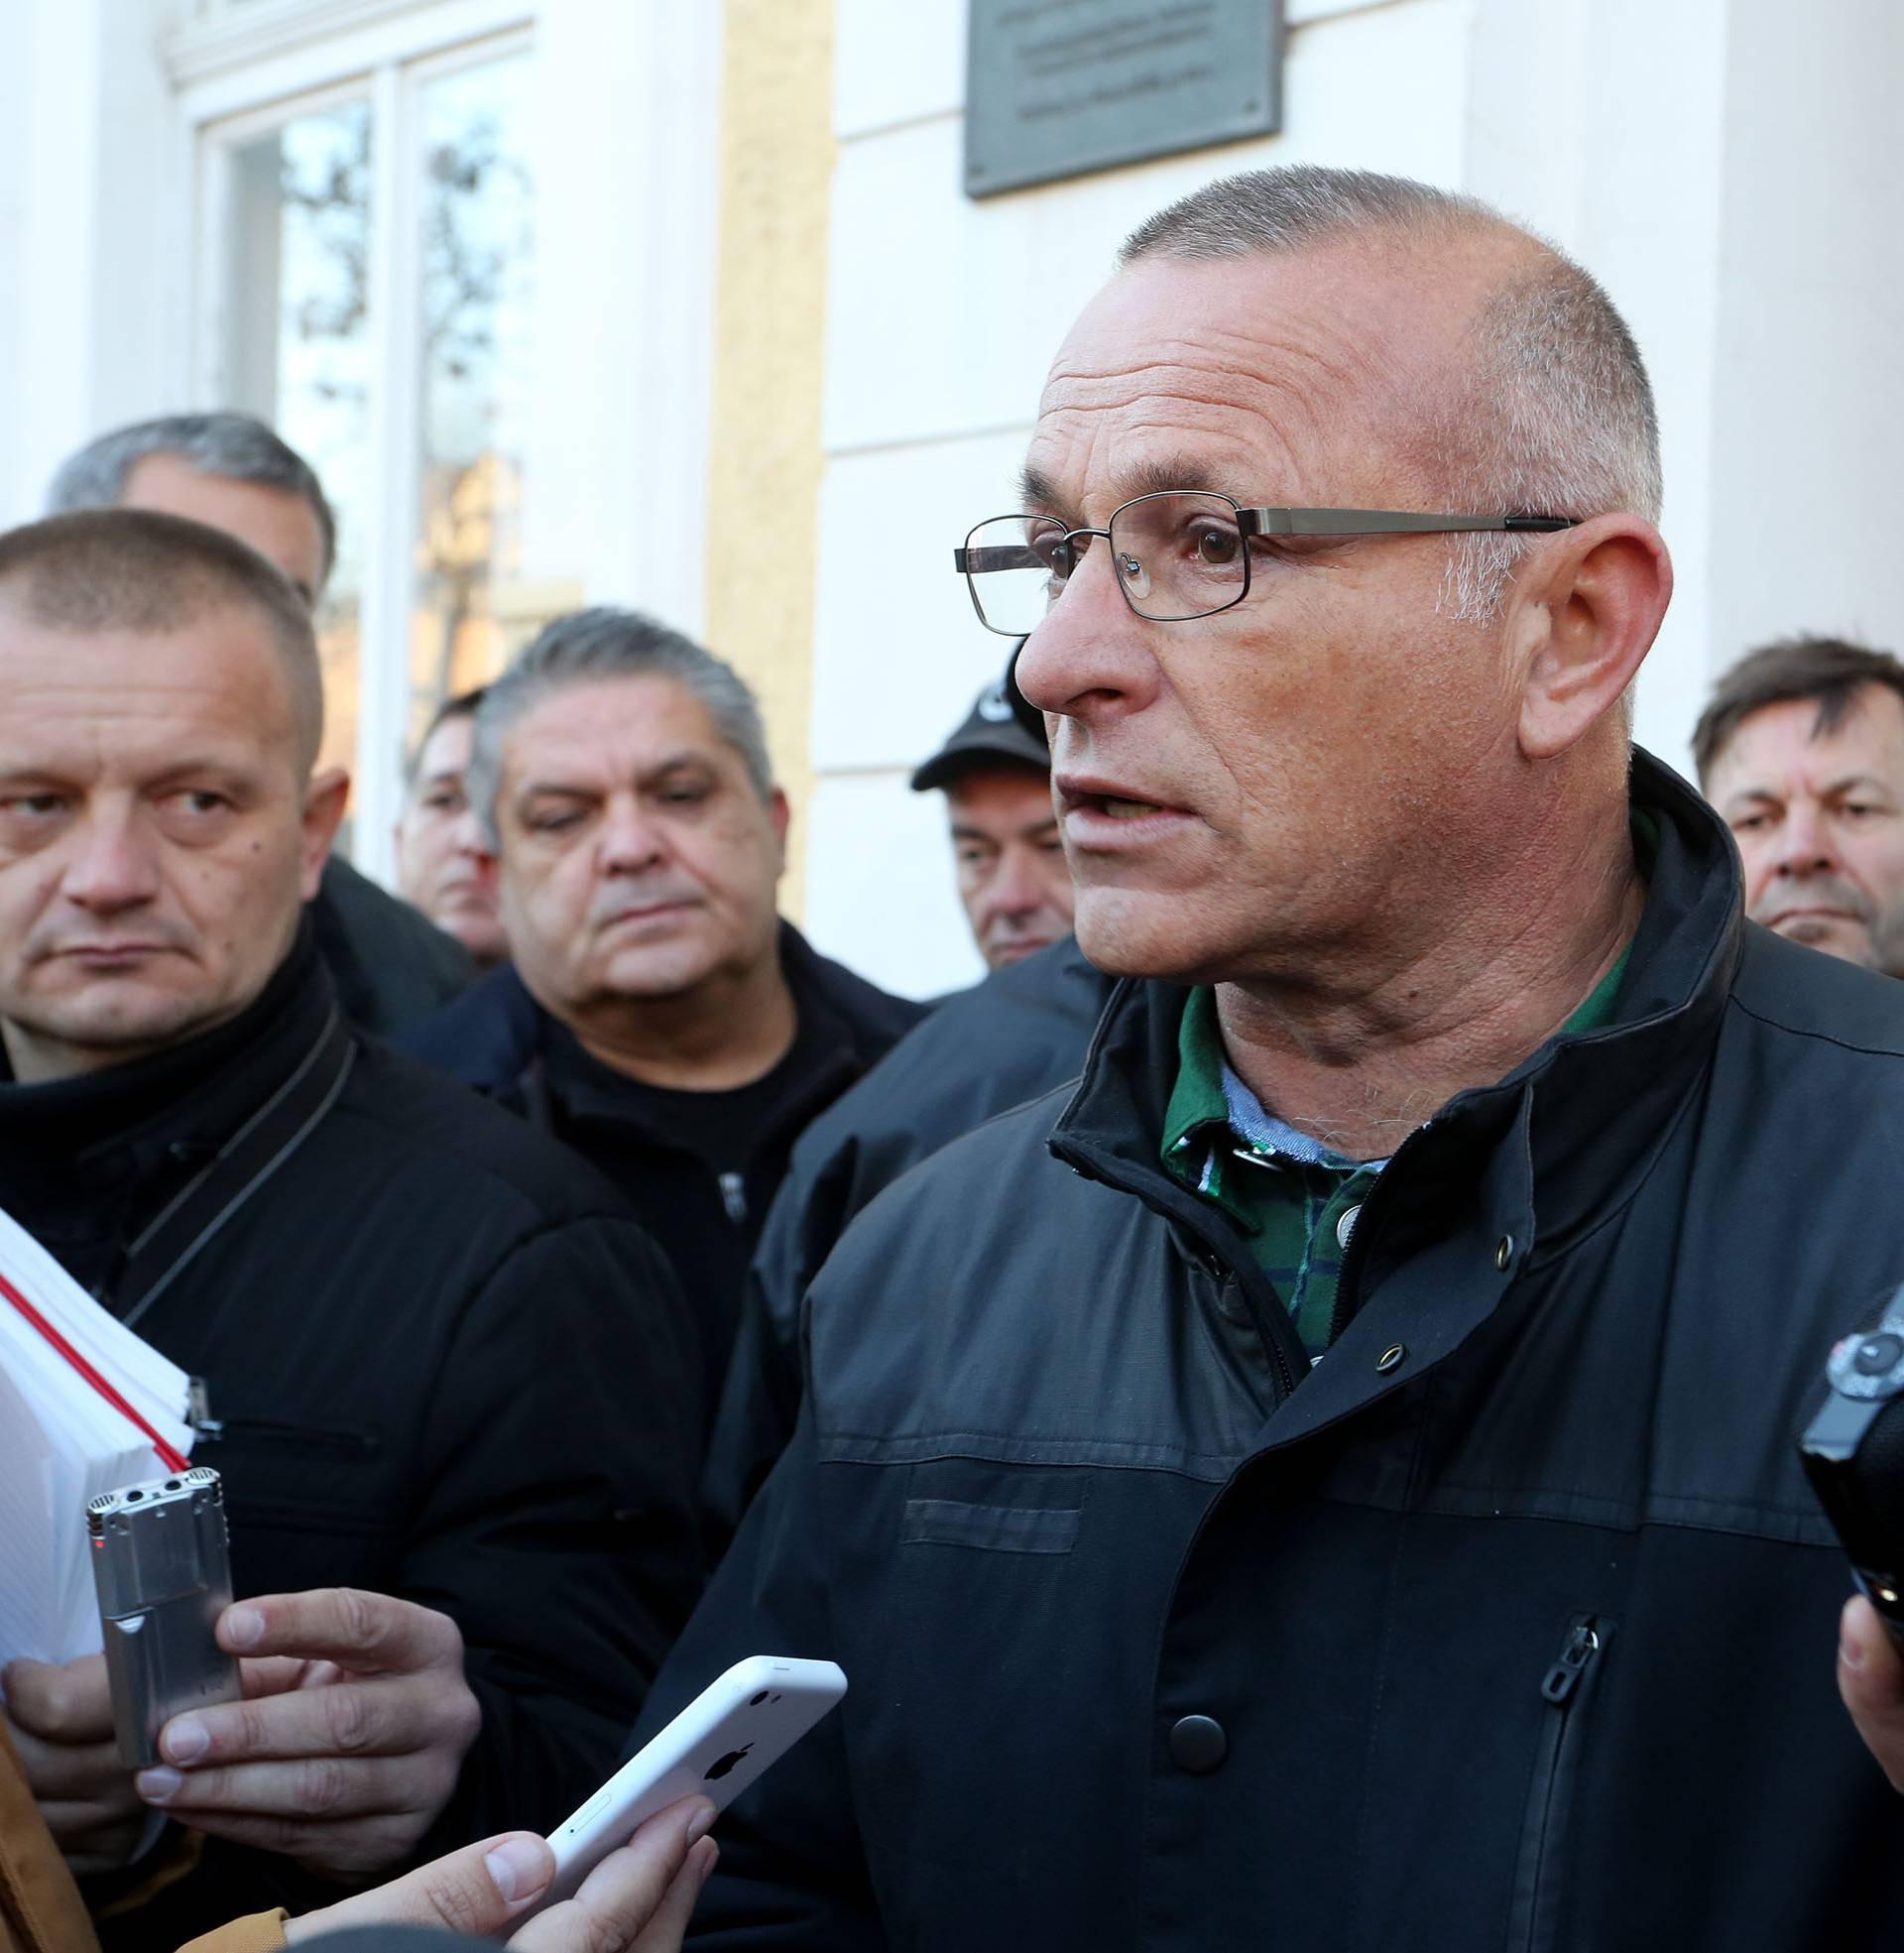 Prosvjed u Vukovaru: 'Kome smeta procesuiranje zločina?'